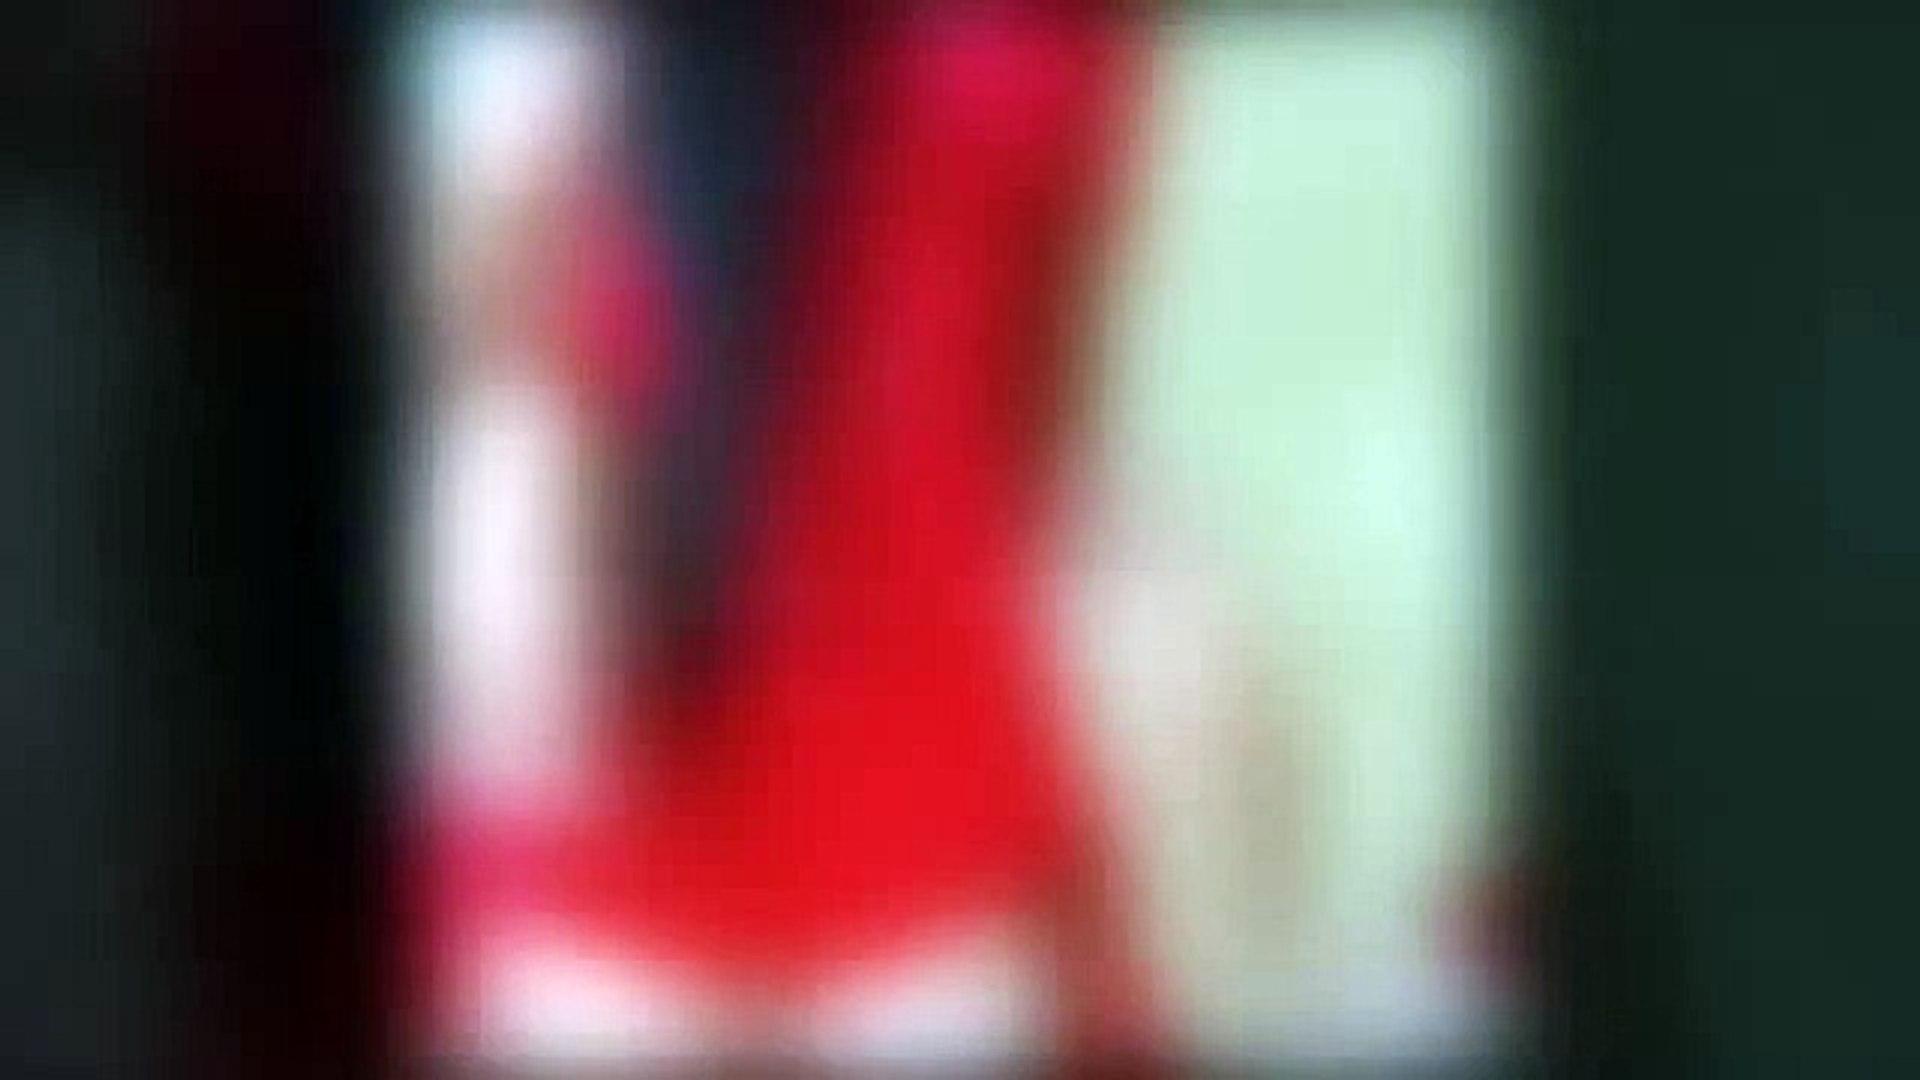 رقص كيك مُجمع رقص خليجي أجمل مقاطع رقص بنات 2015